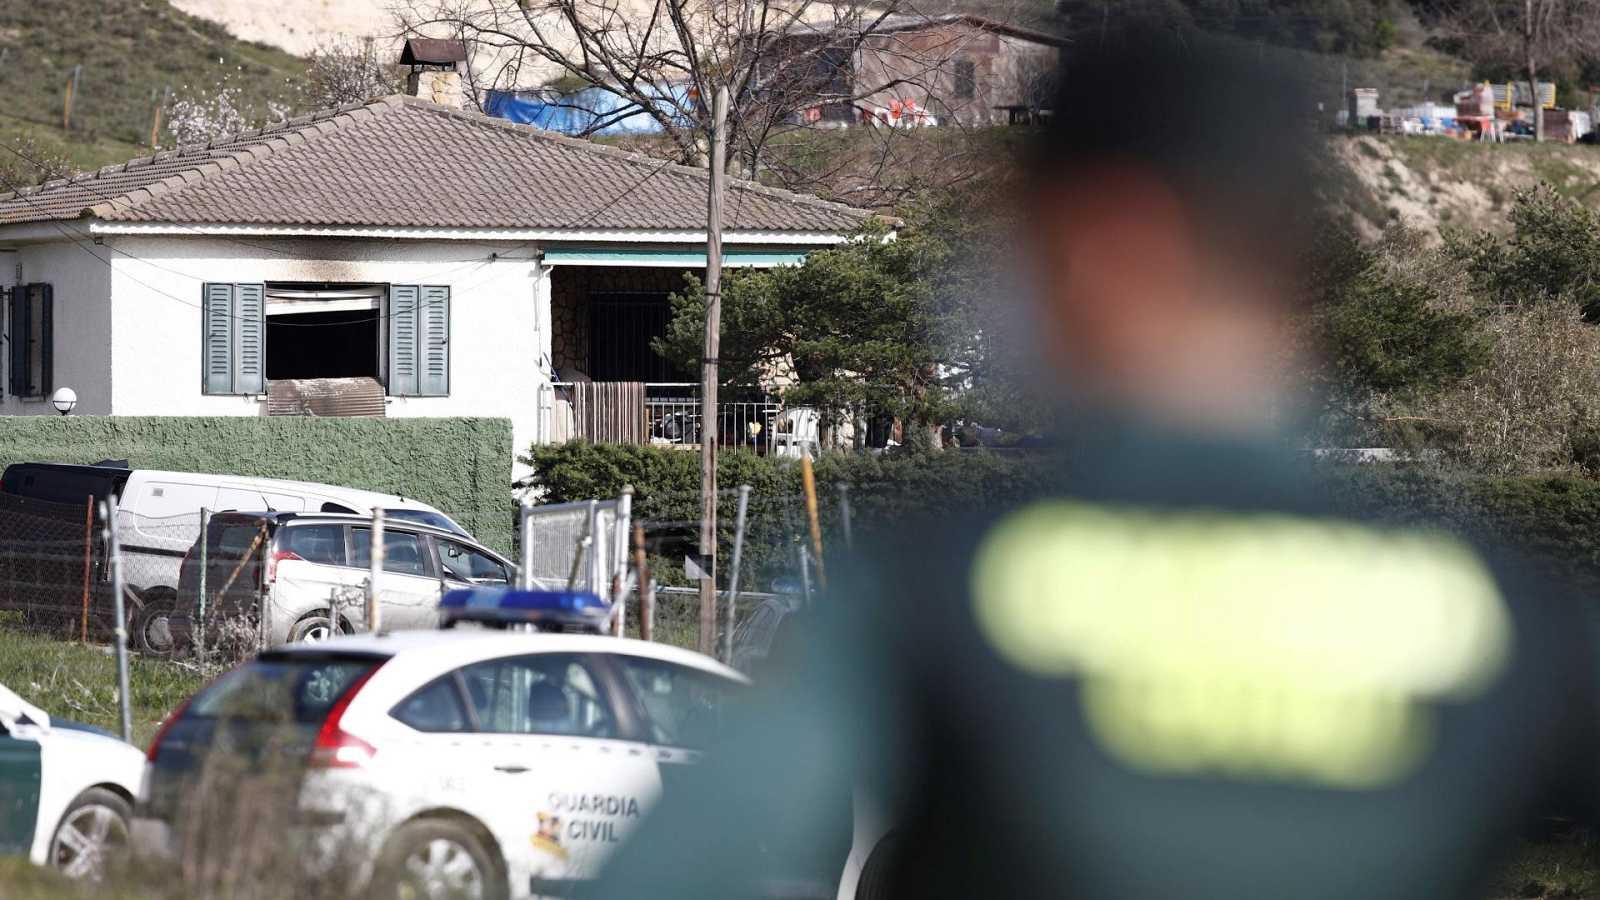 Los tres fallecidos en el incendio de El Molar habrían muerto por arma de fuego